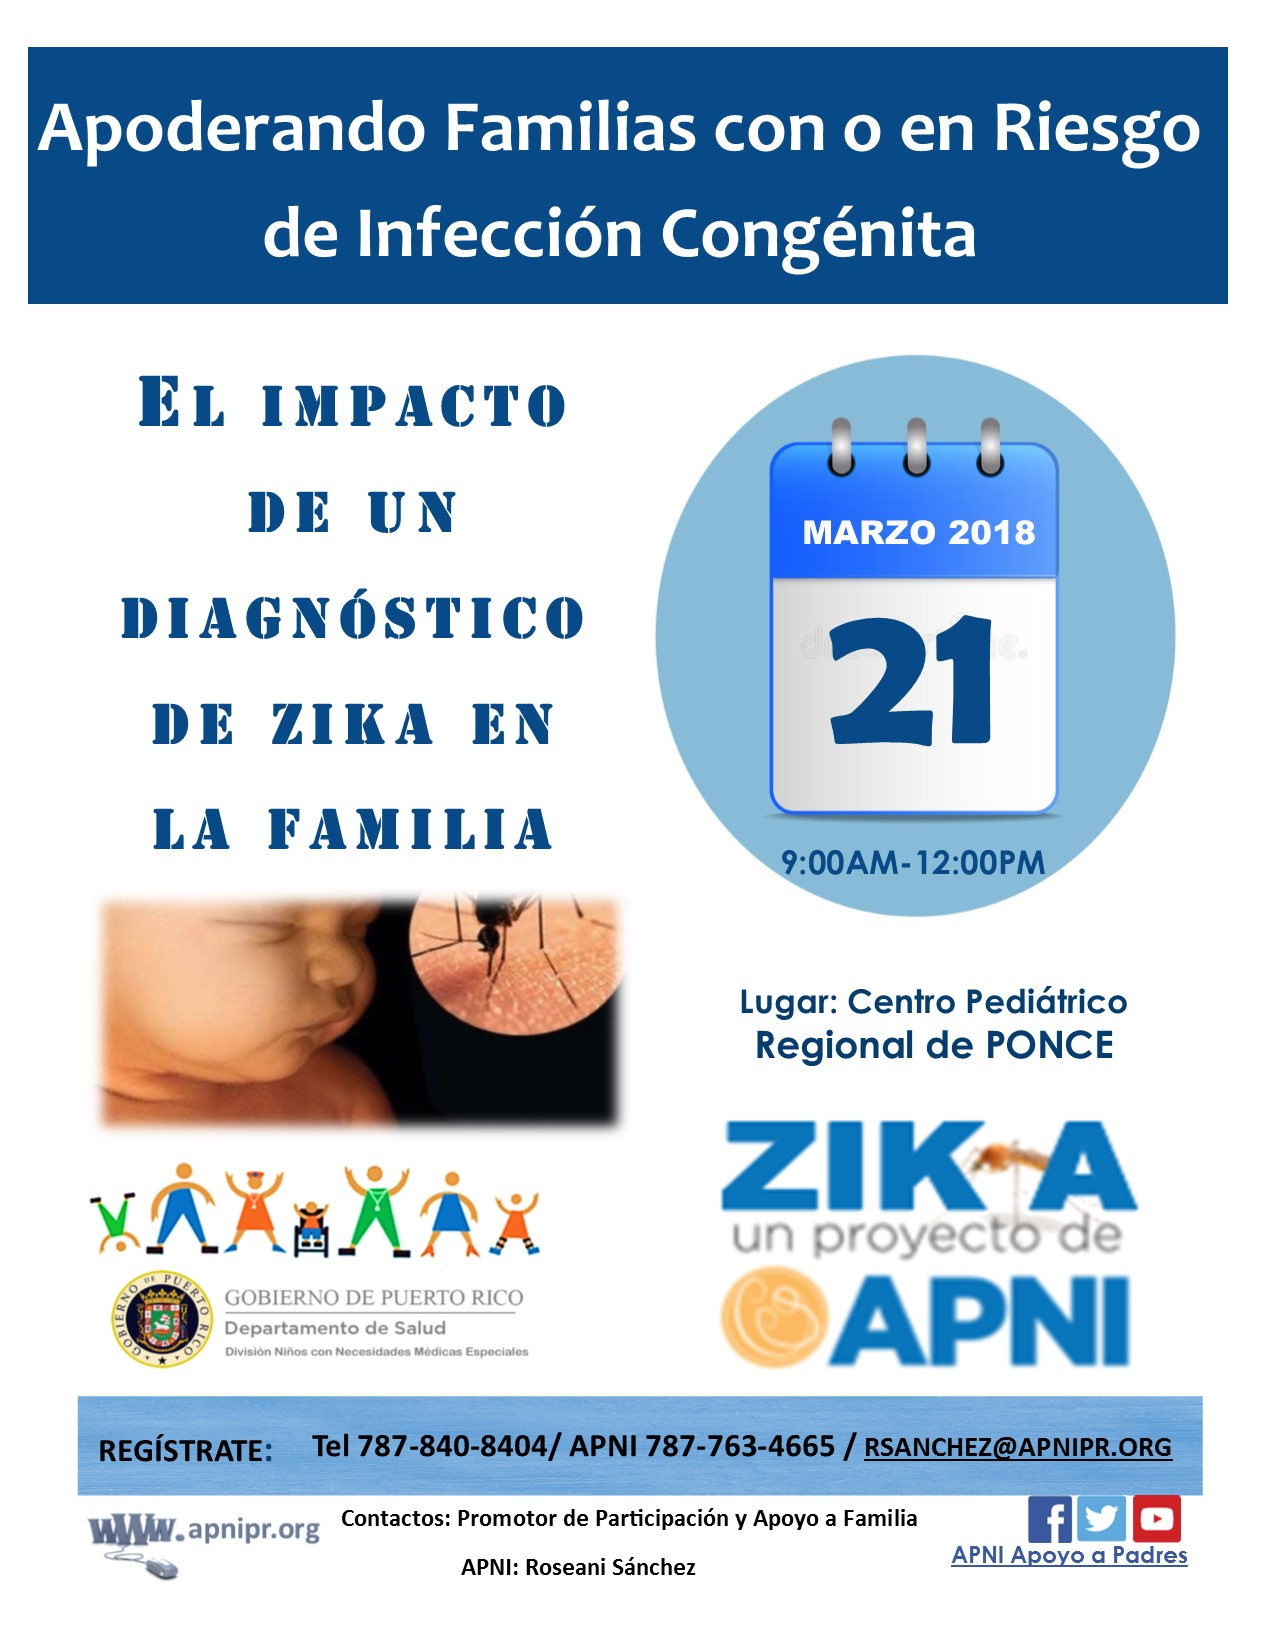 El impacto de un diagnóstico de ZIKA en la familia